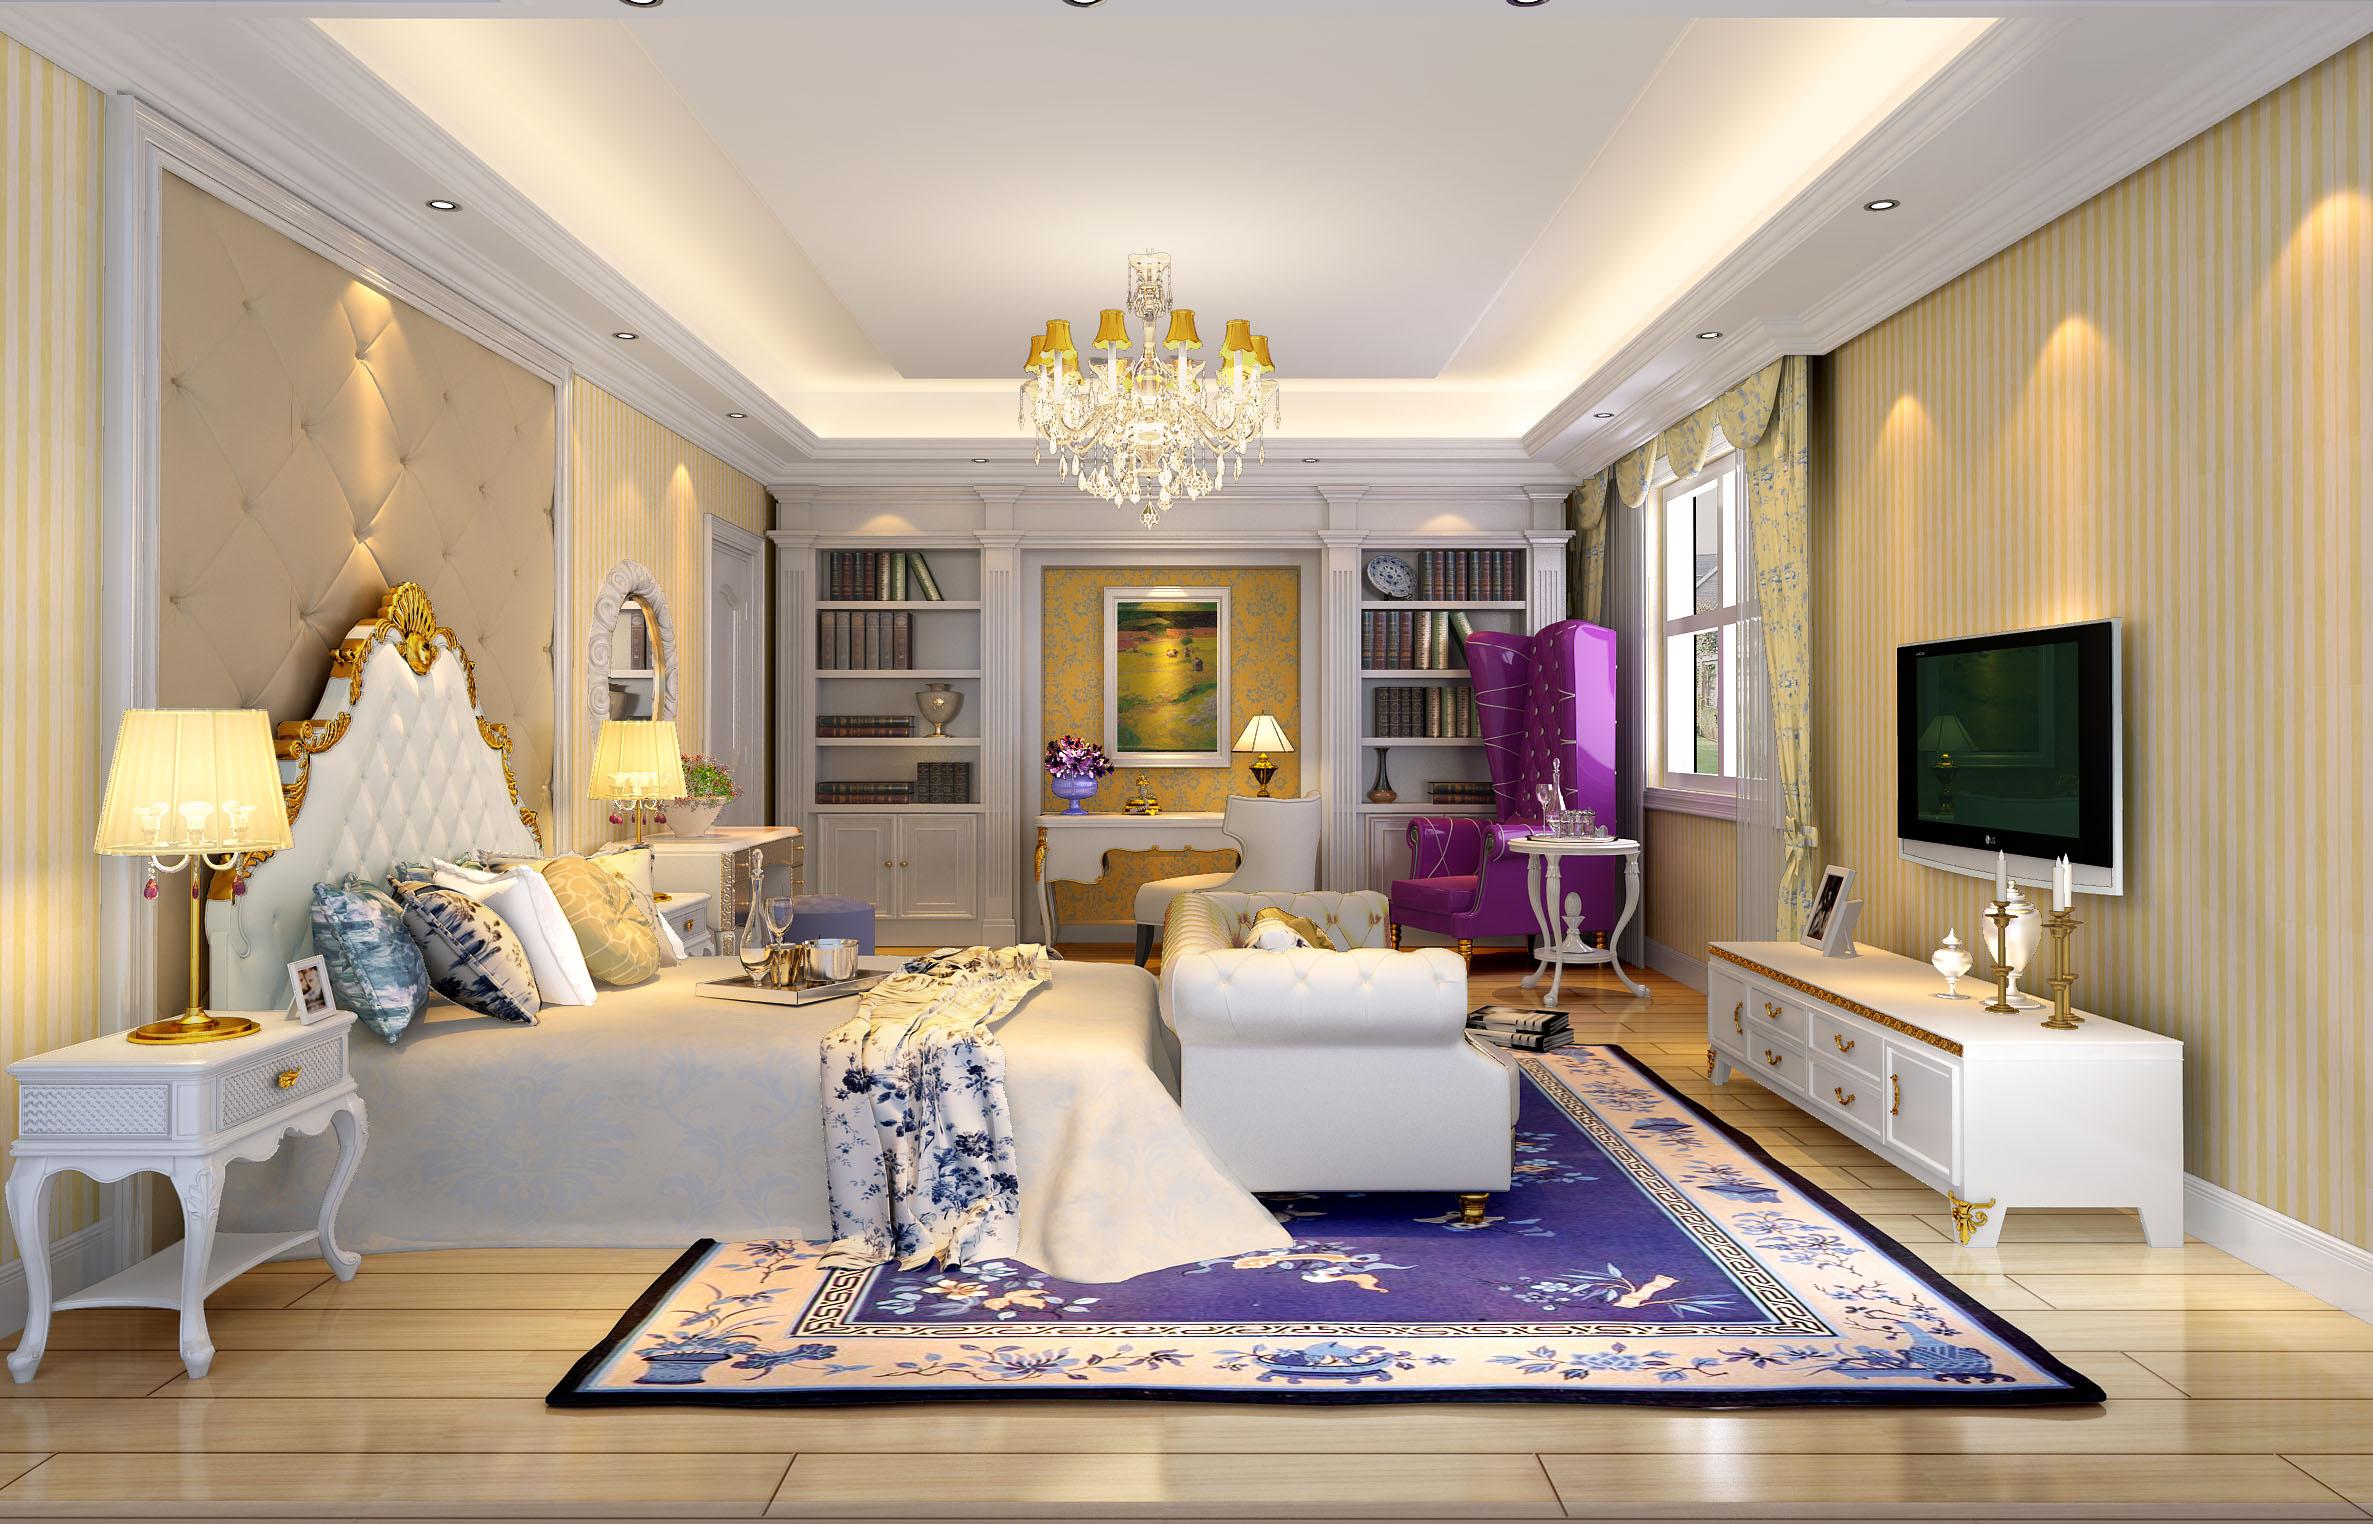 欧式 别墅 蓝色 金色 童话 大门厅 法式 卧室图片来自尚层装饰大林在格拉斯小镇--浅色的梦的分享